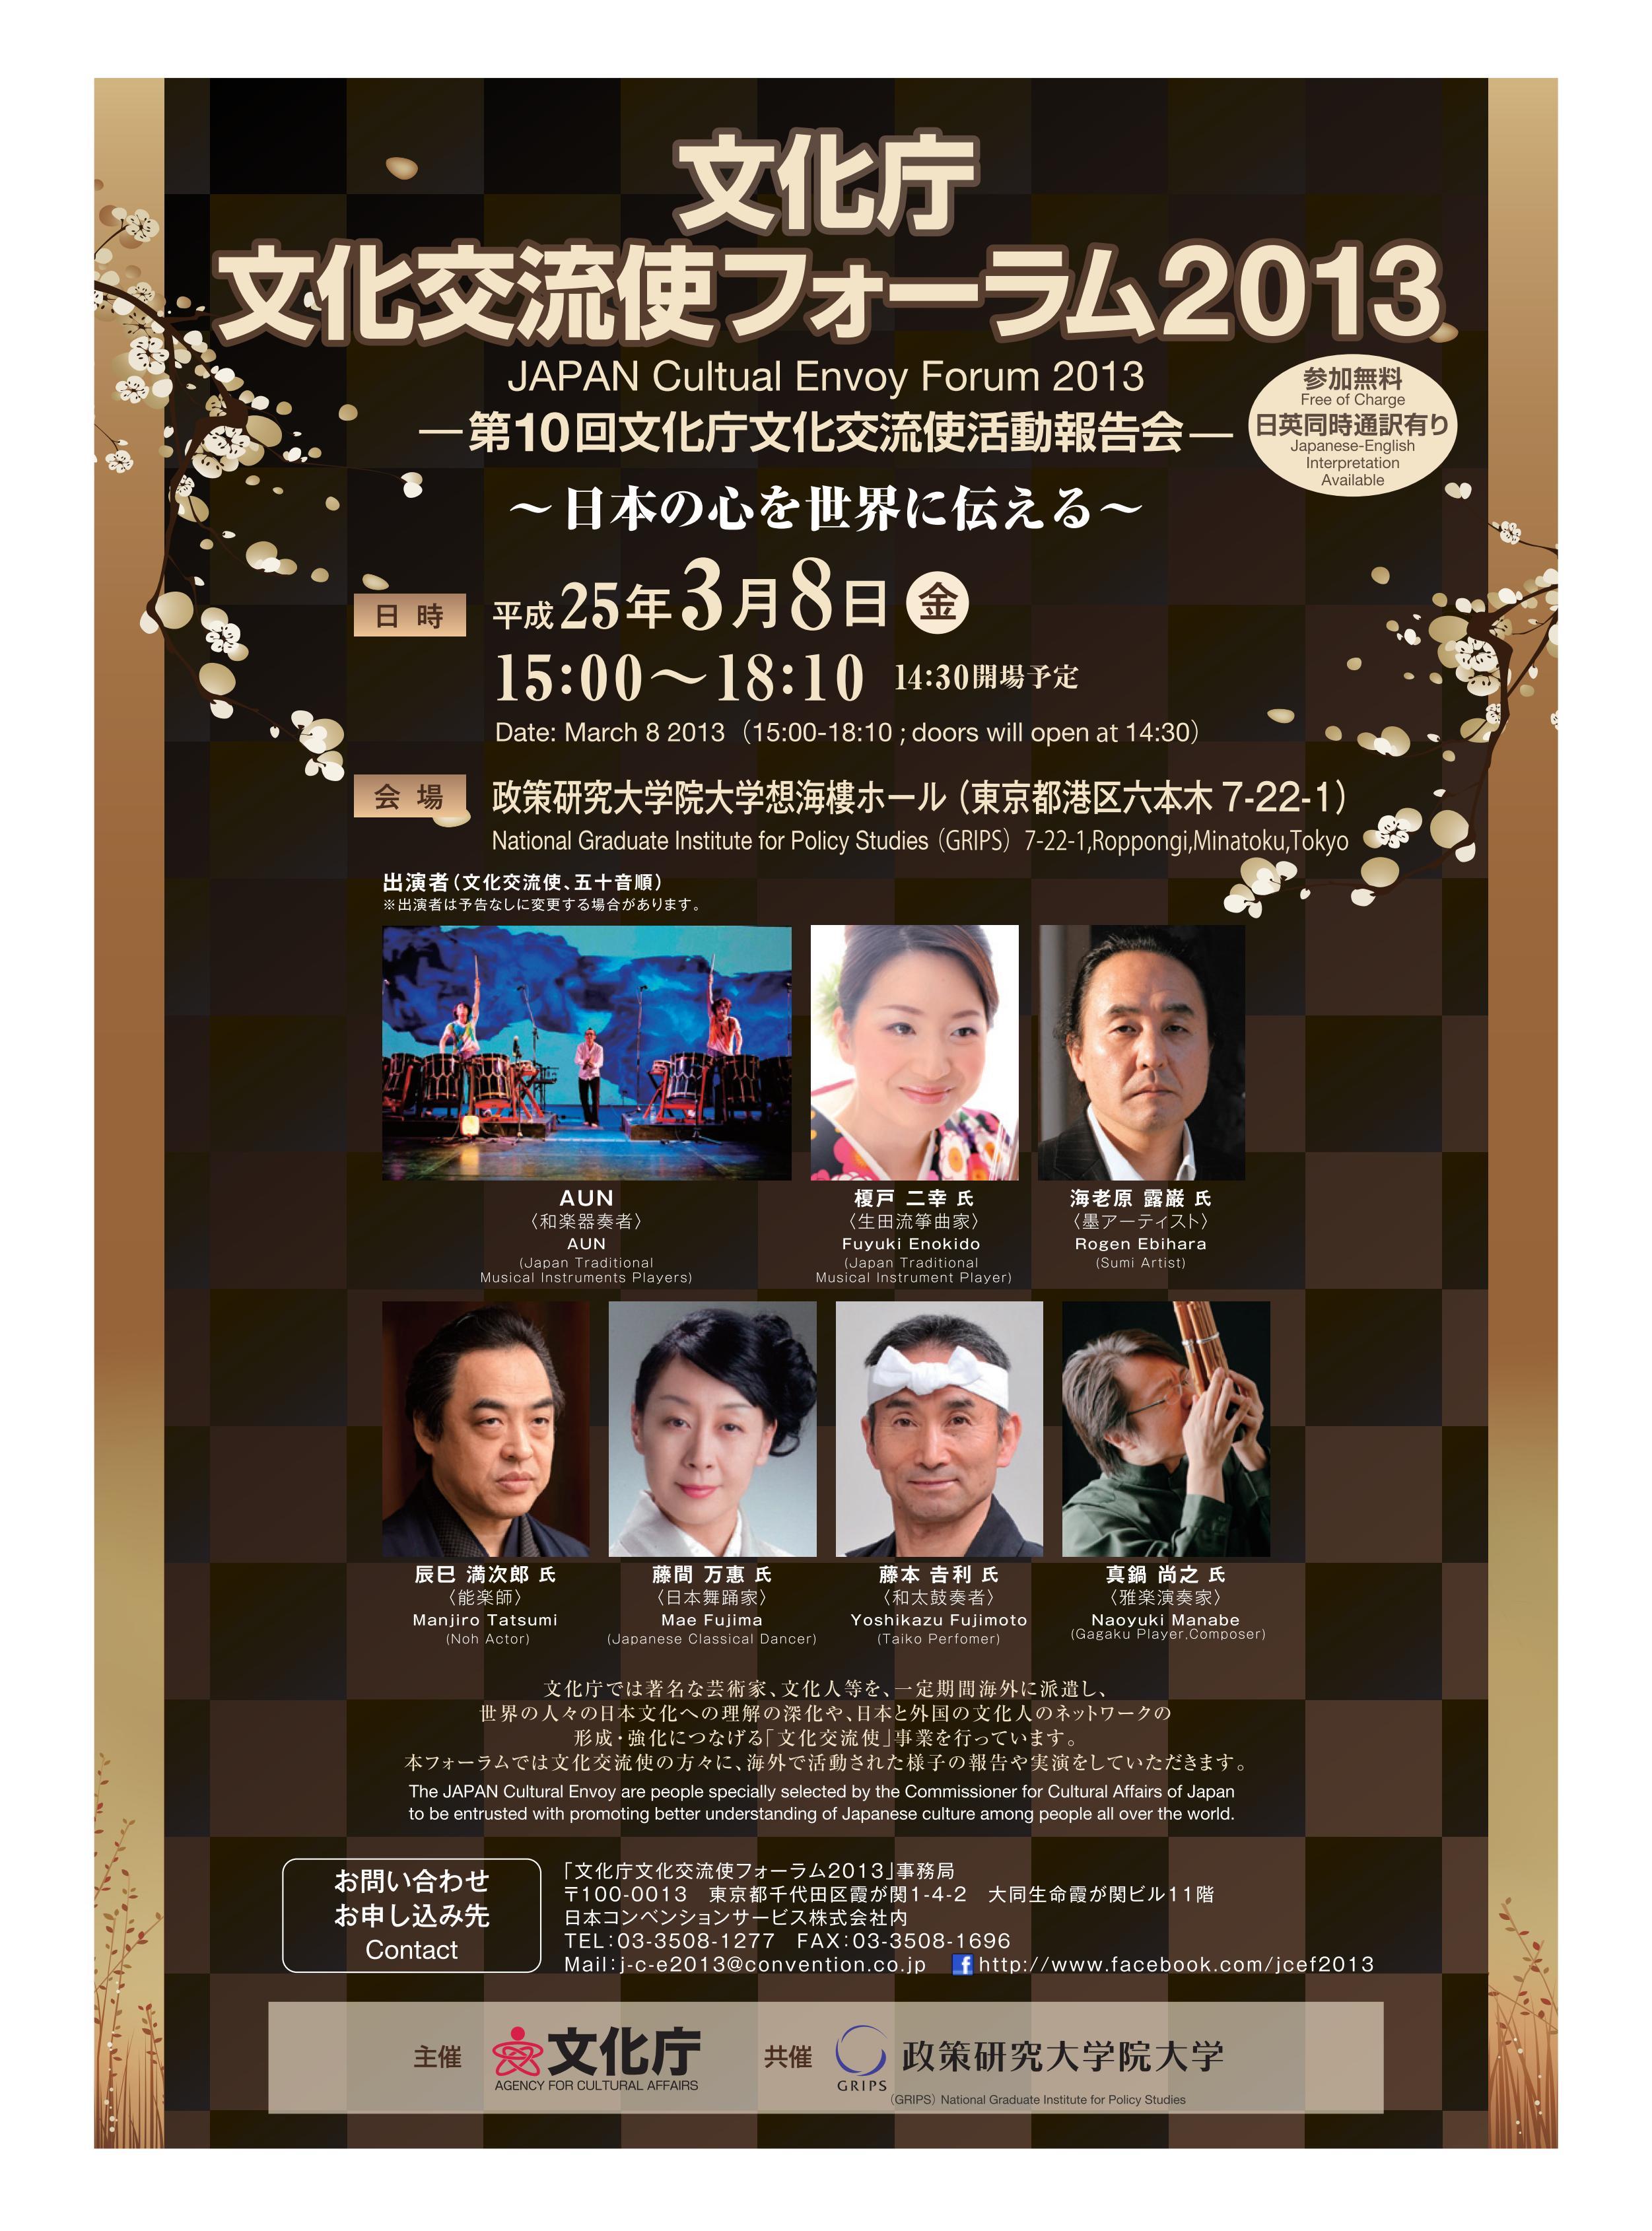 http://manjiro-nohgaku.com/news/bunka%20kouryuushi%20omote.jpg